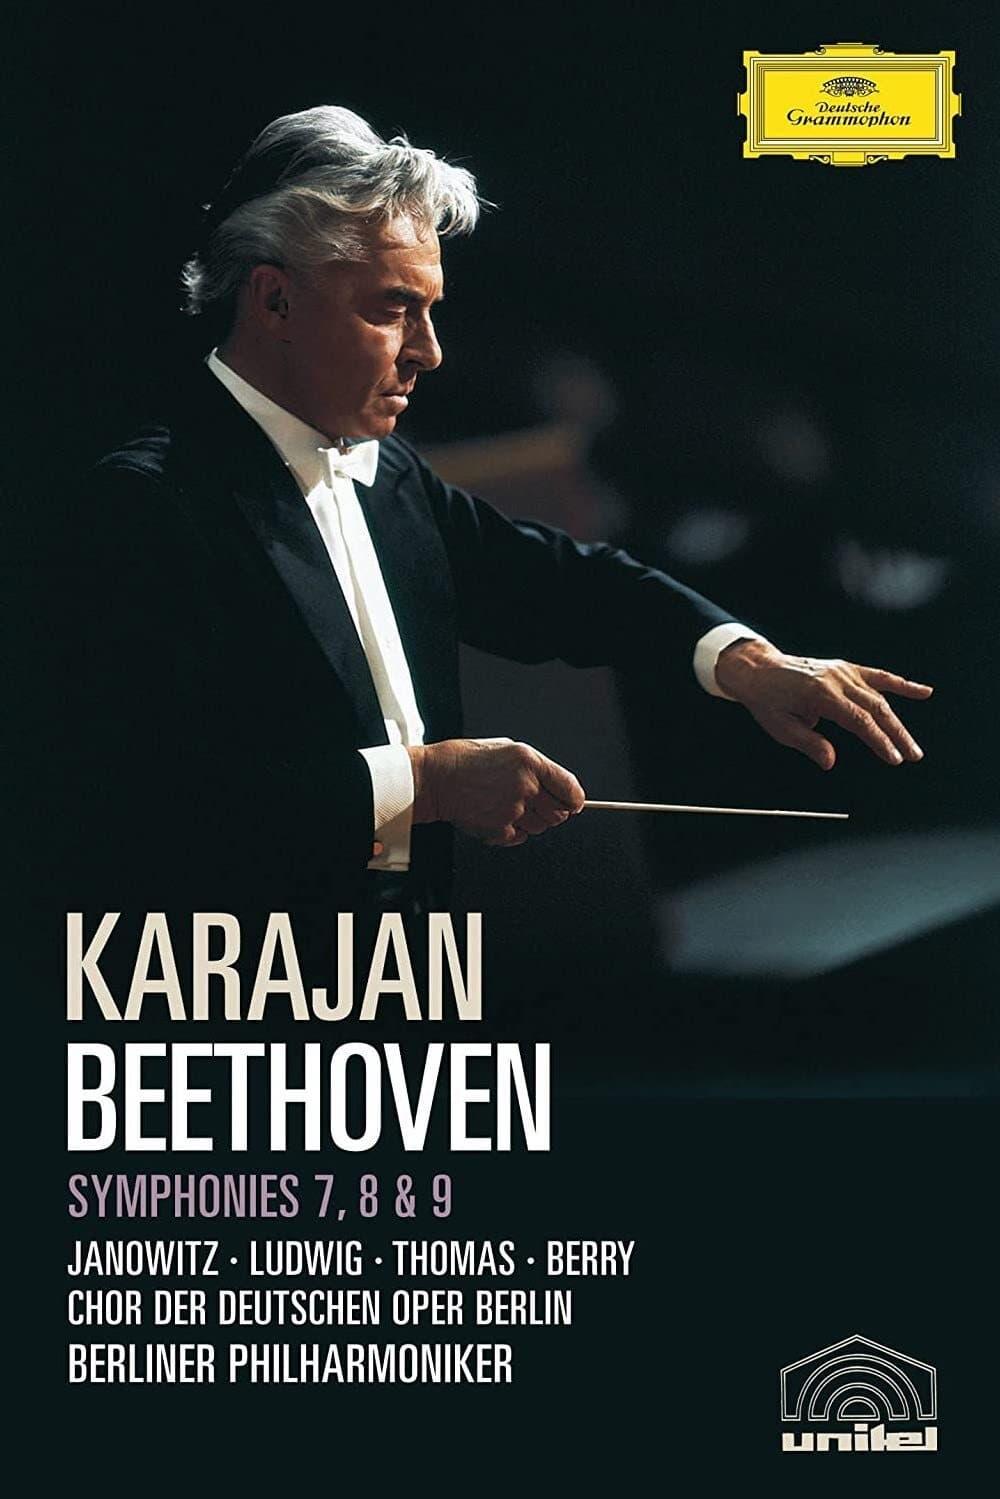 Karajan: Beethoven - Symphonies 7, 8 & 9